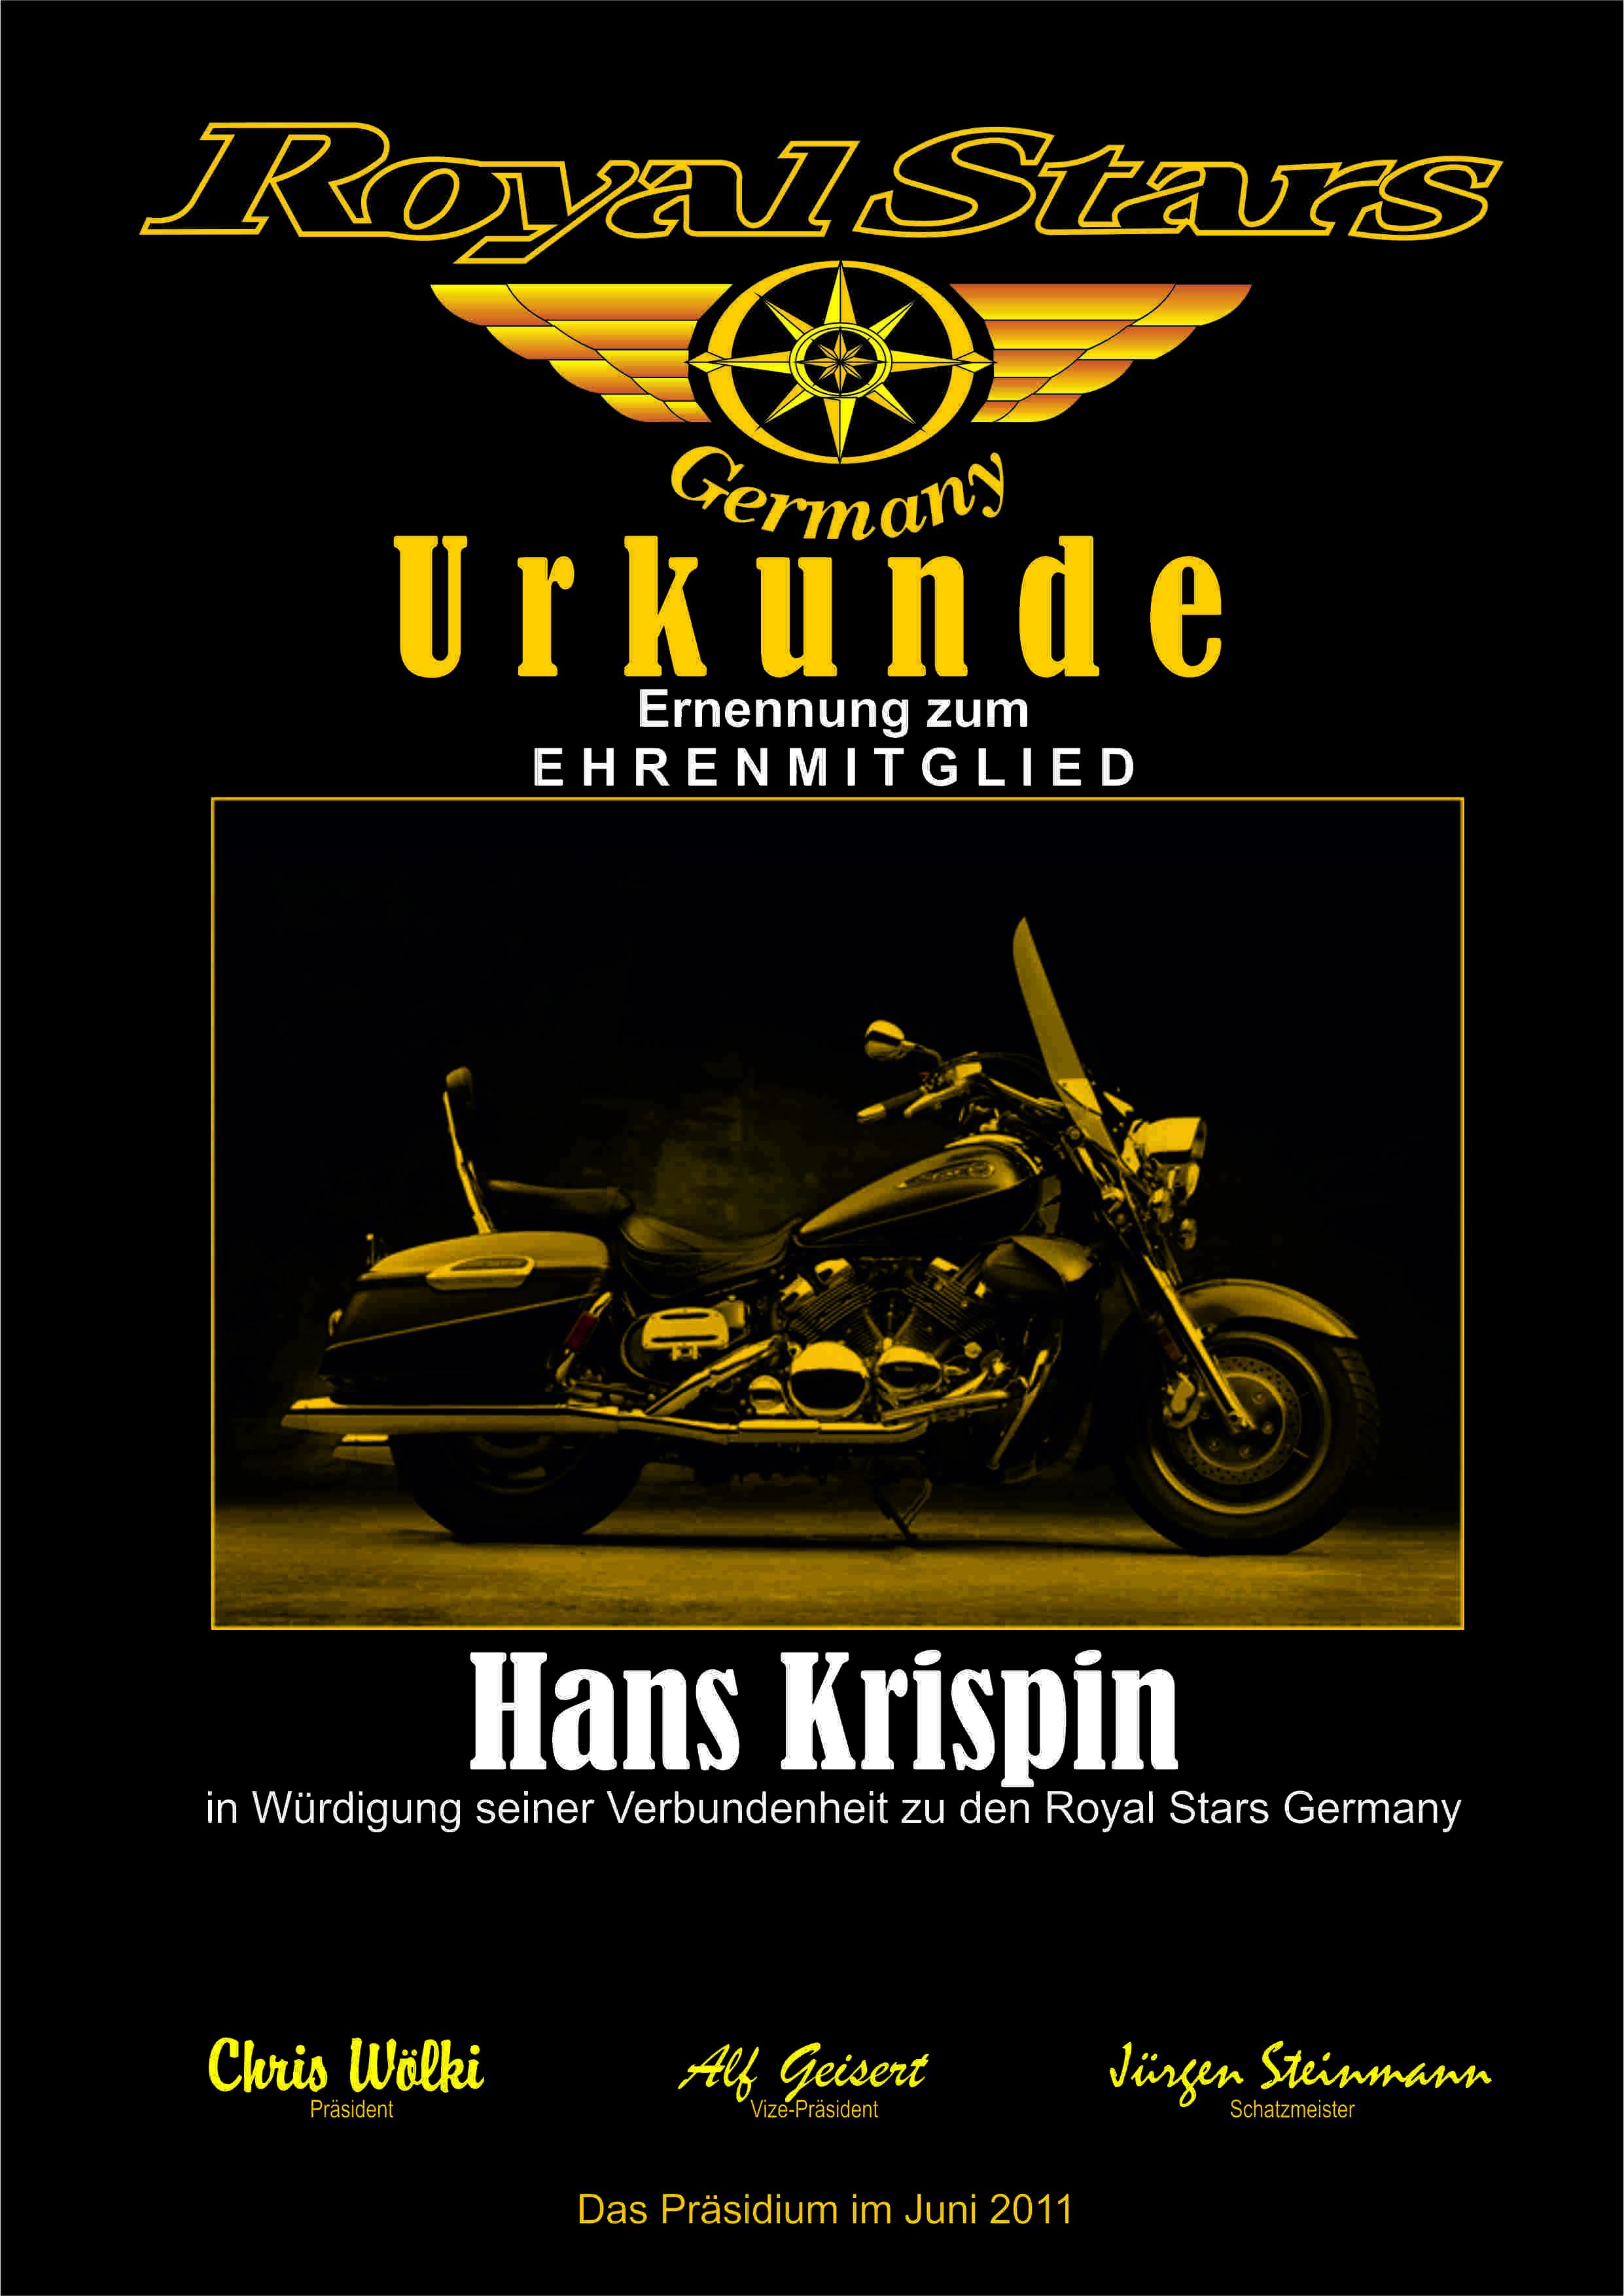 ehrenurkunde-2011-hans krispin